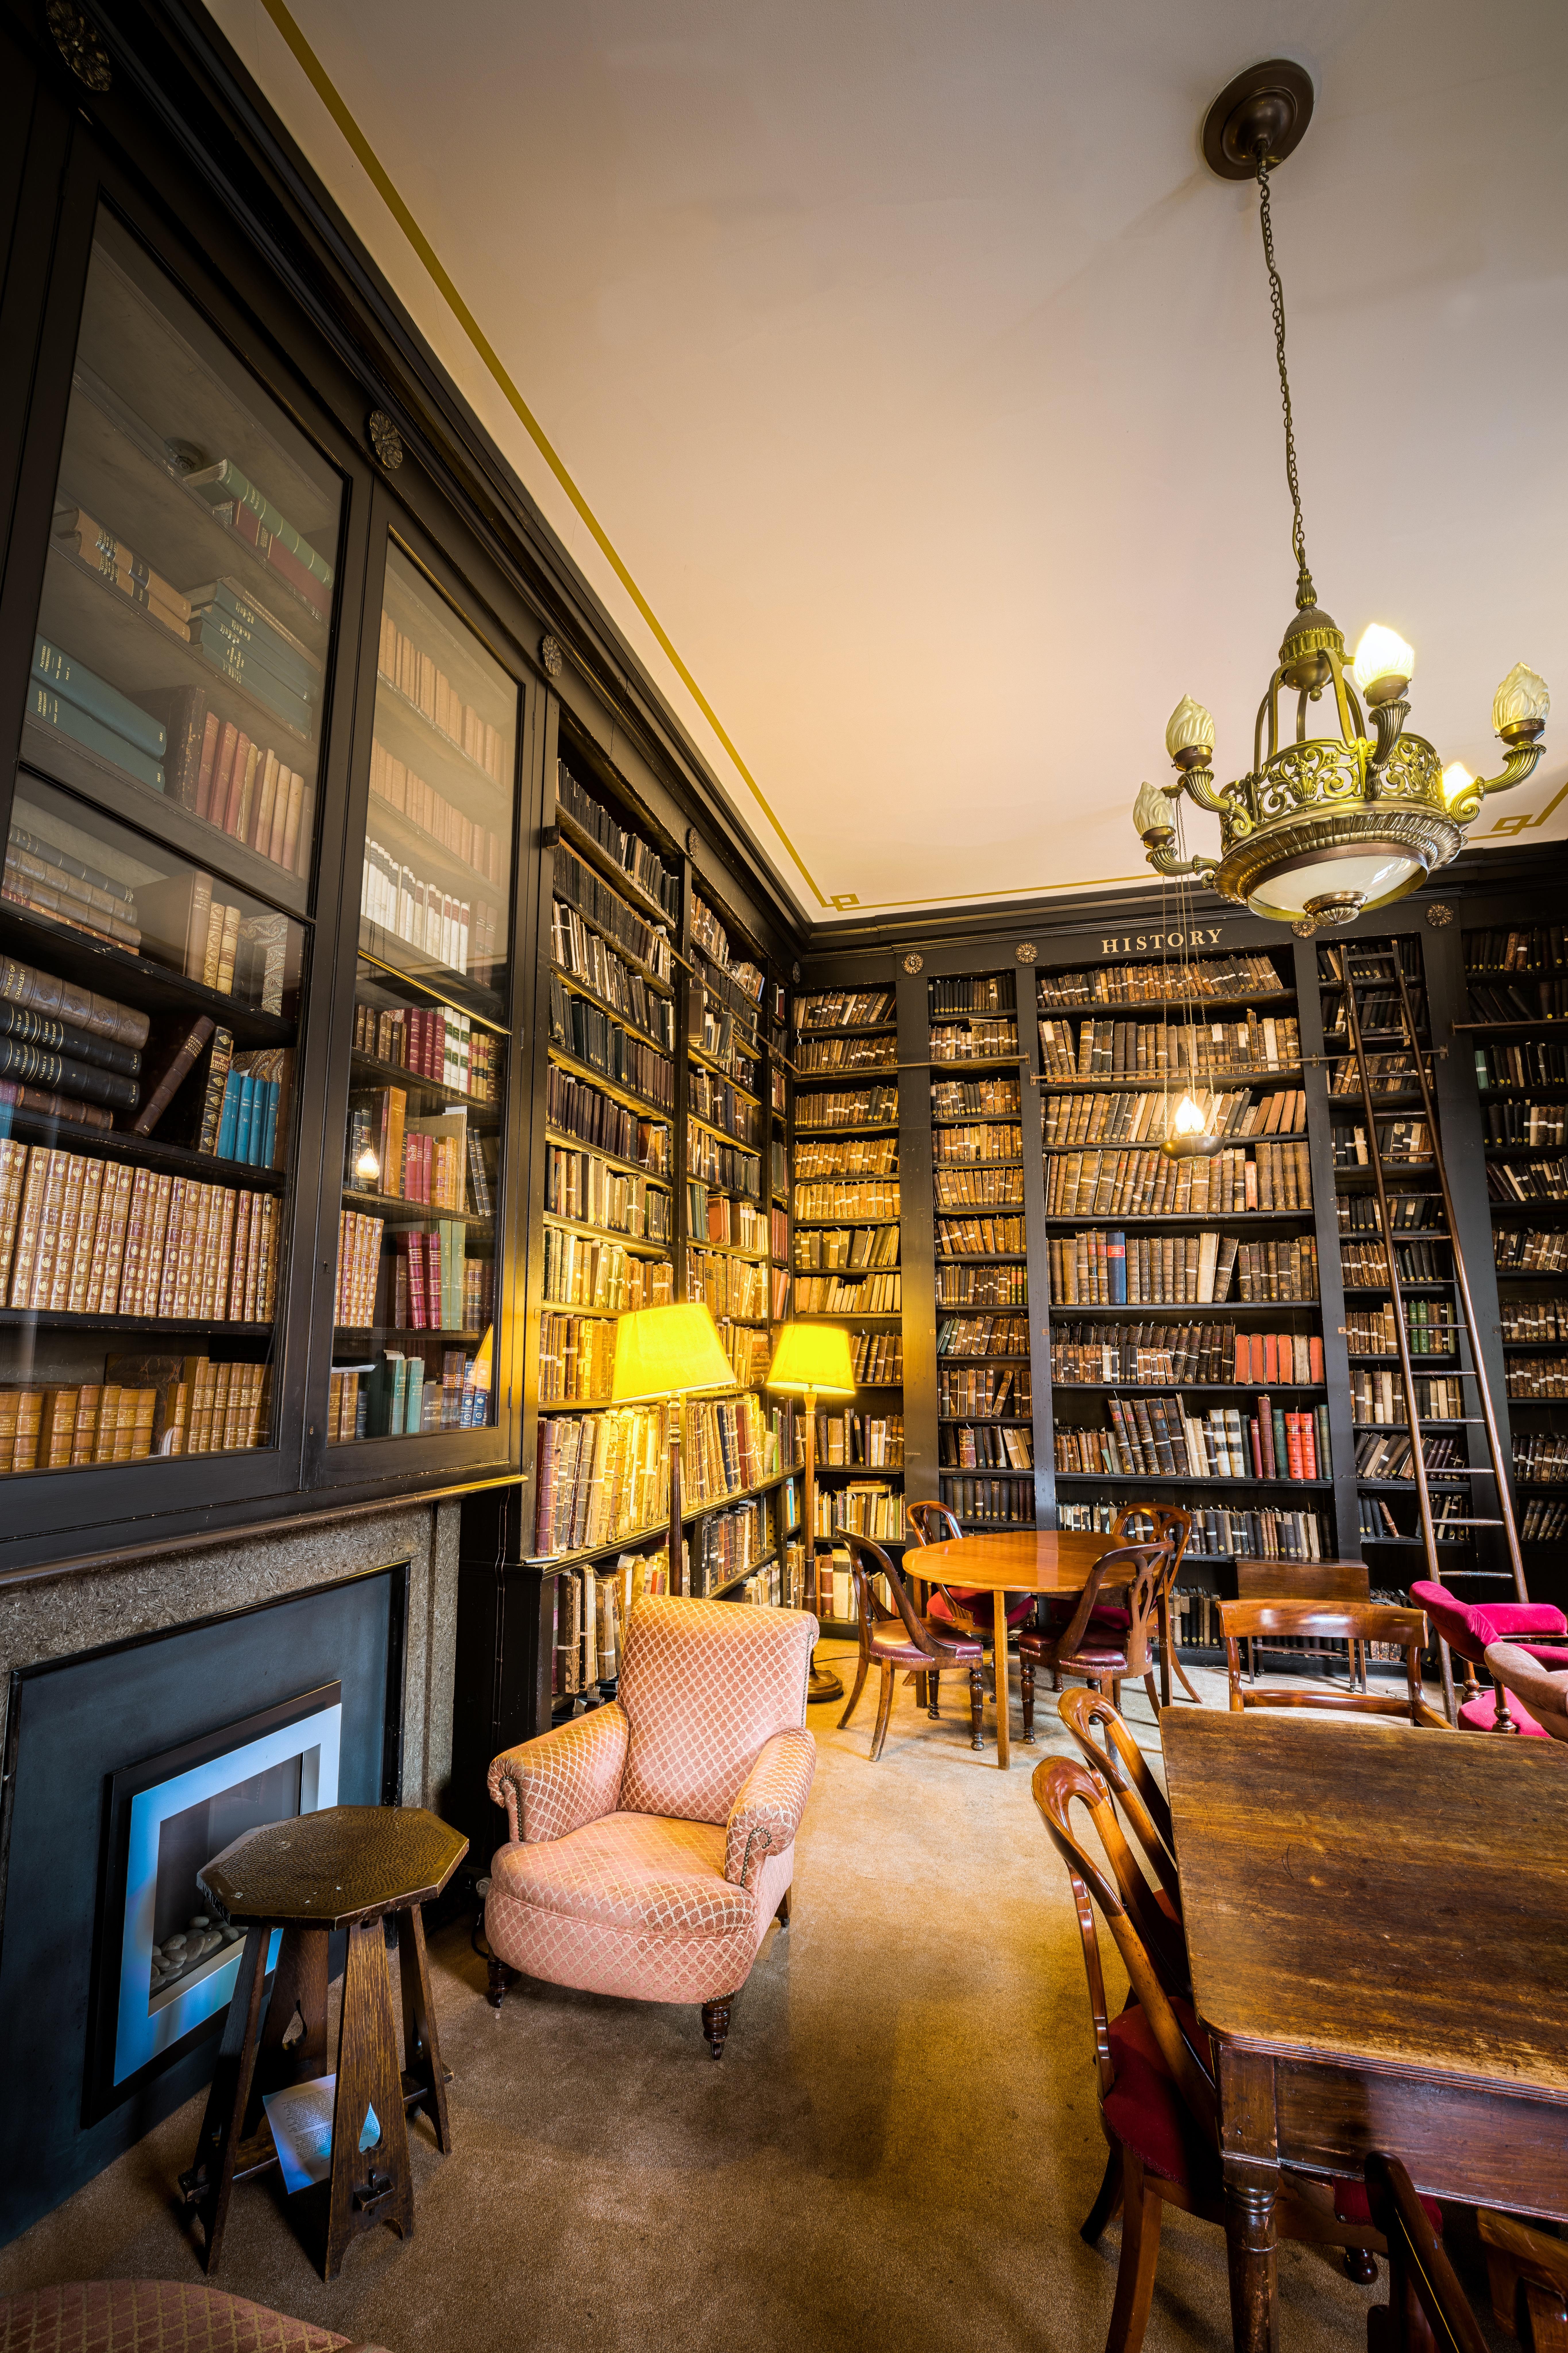 Restaurant Zuhause Bar Wohnzimmer Zimmer Innenarchitektur Bibliothek  Entwurf Verkauf Fensterverkleidung